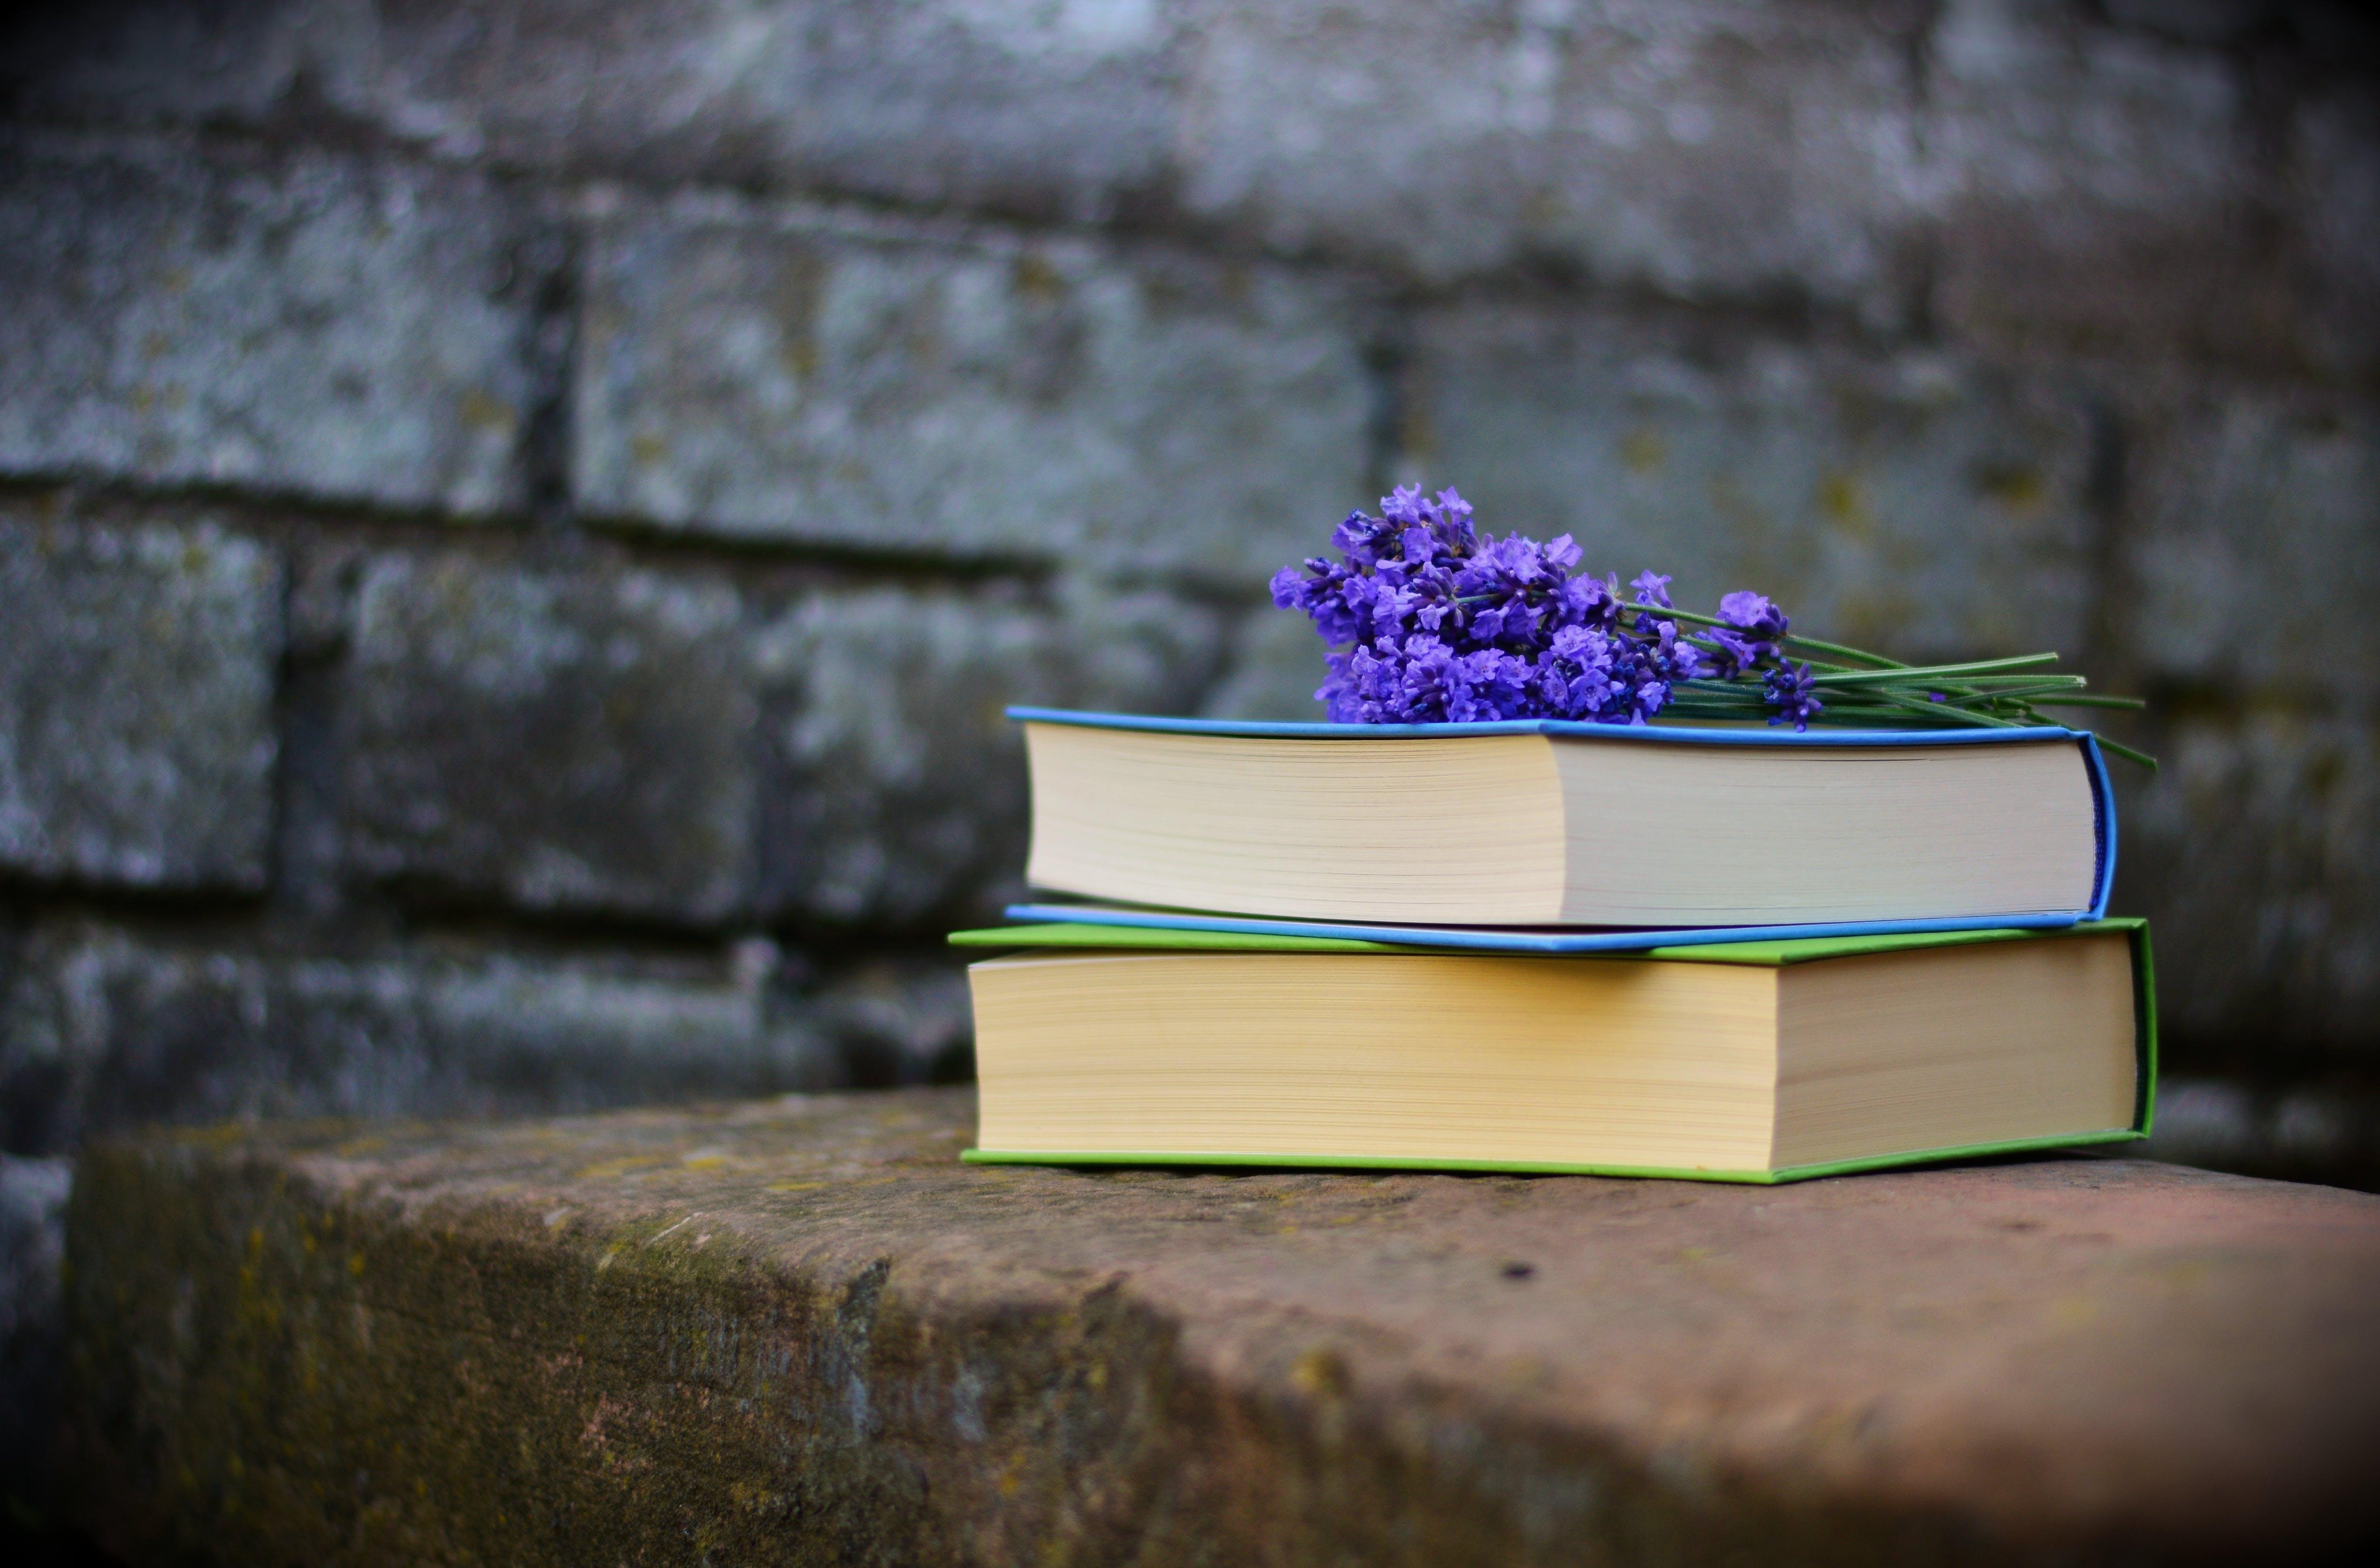 Purple Petaled Flower on Book \